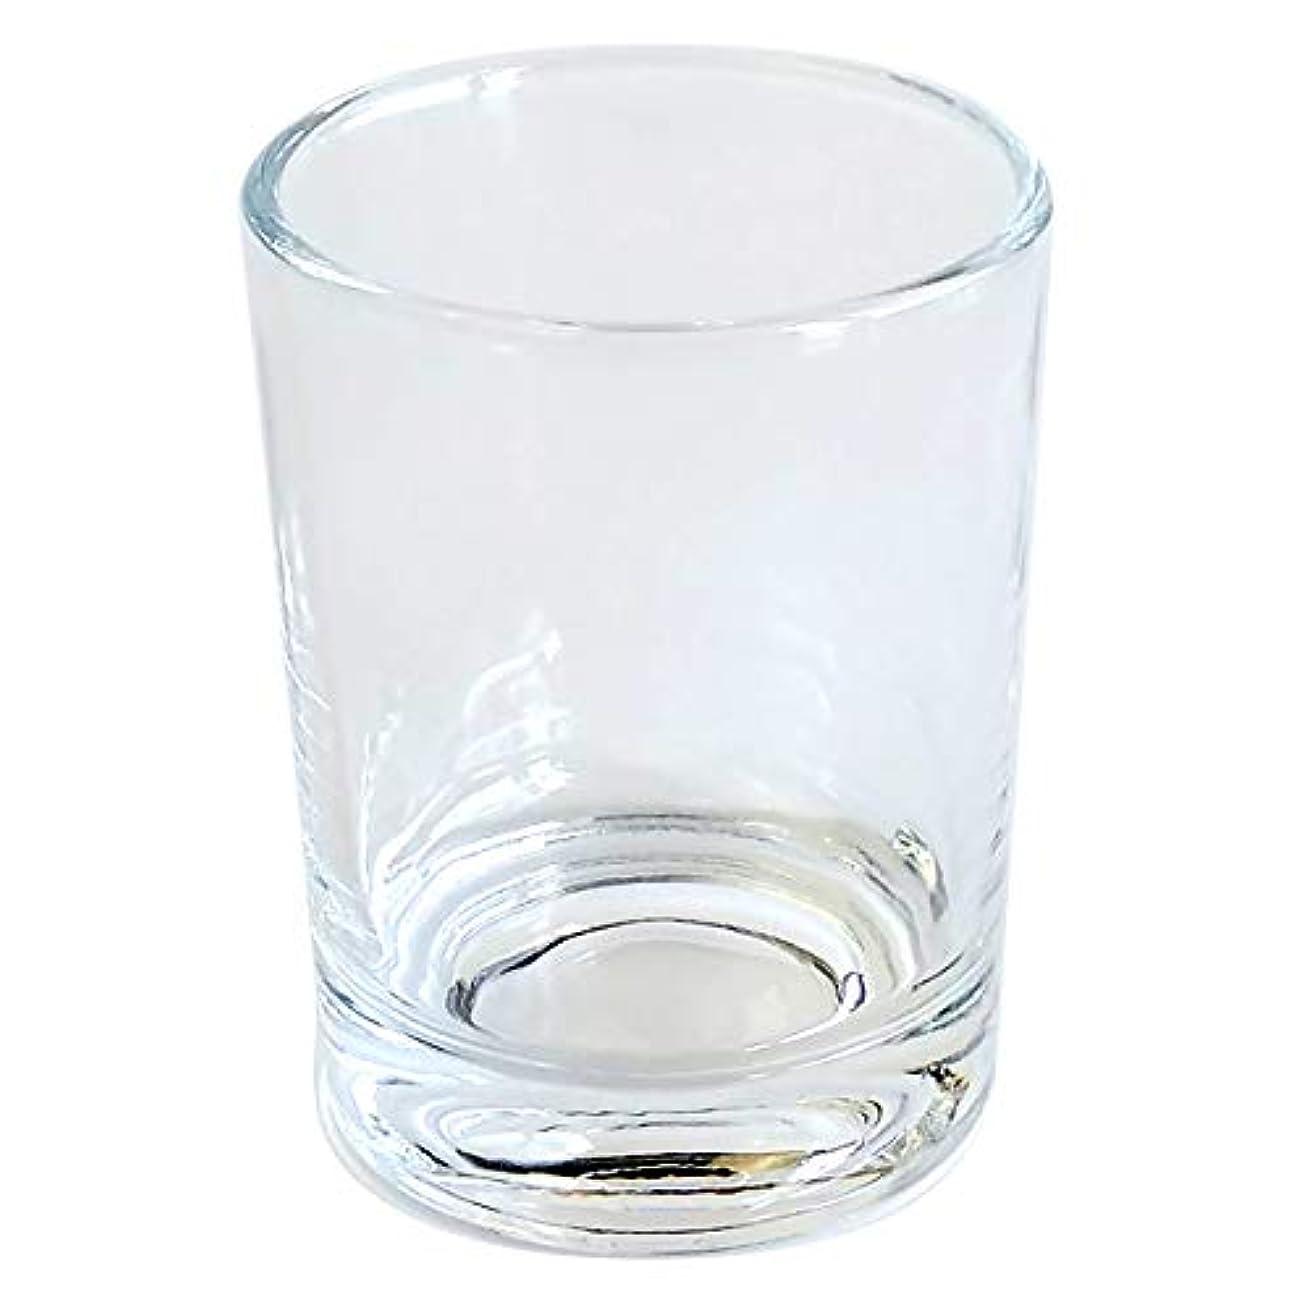 元気オン悪いキャンドルホルダー ガラス シンプル[大] 1個 キャンドルスタンド ろうそく立て おしゃれ